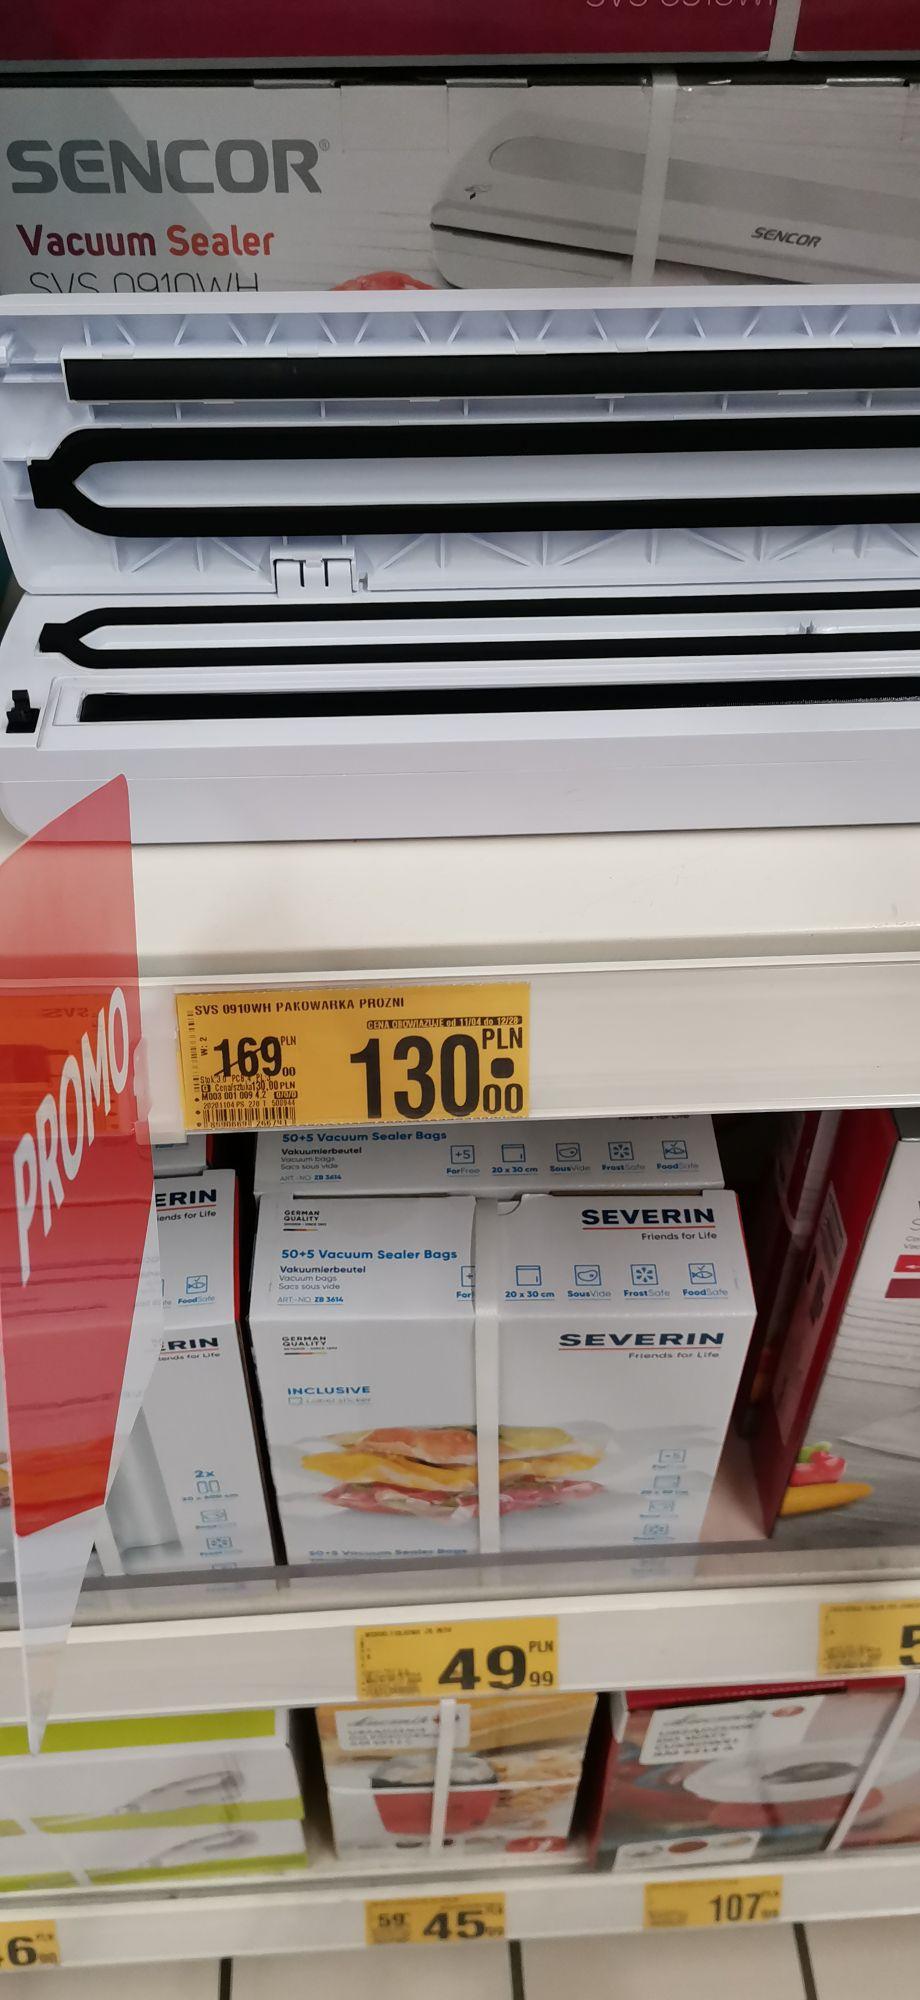 Kompaktowa zgrzewarka próżniowa Sencor SVS 0910WH